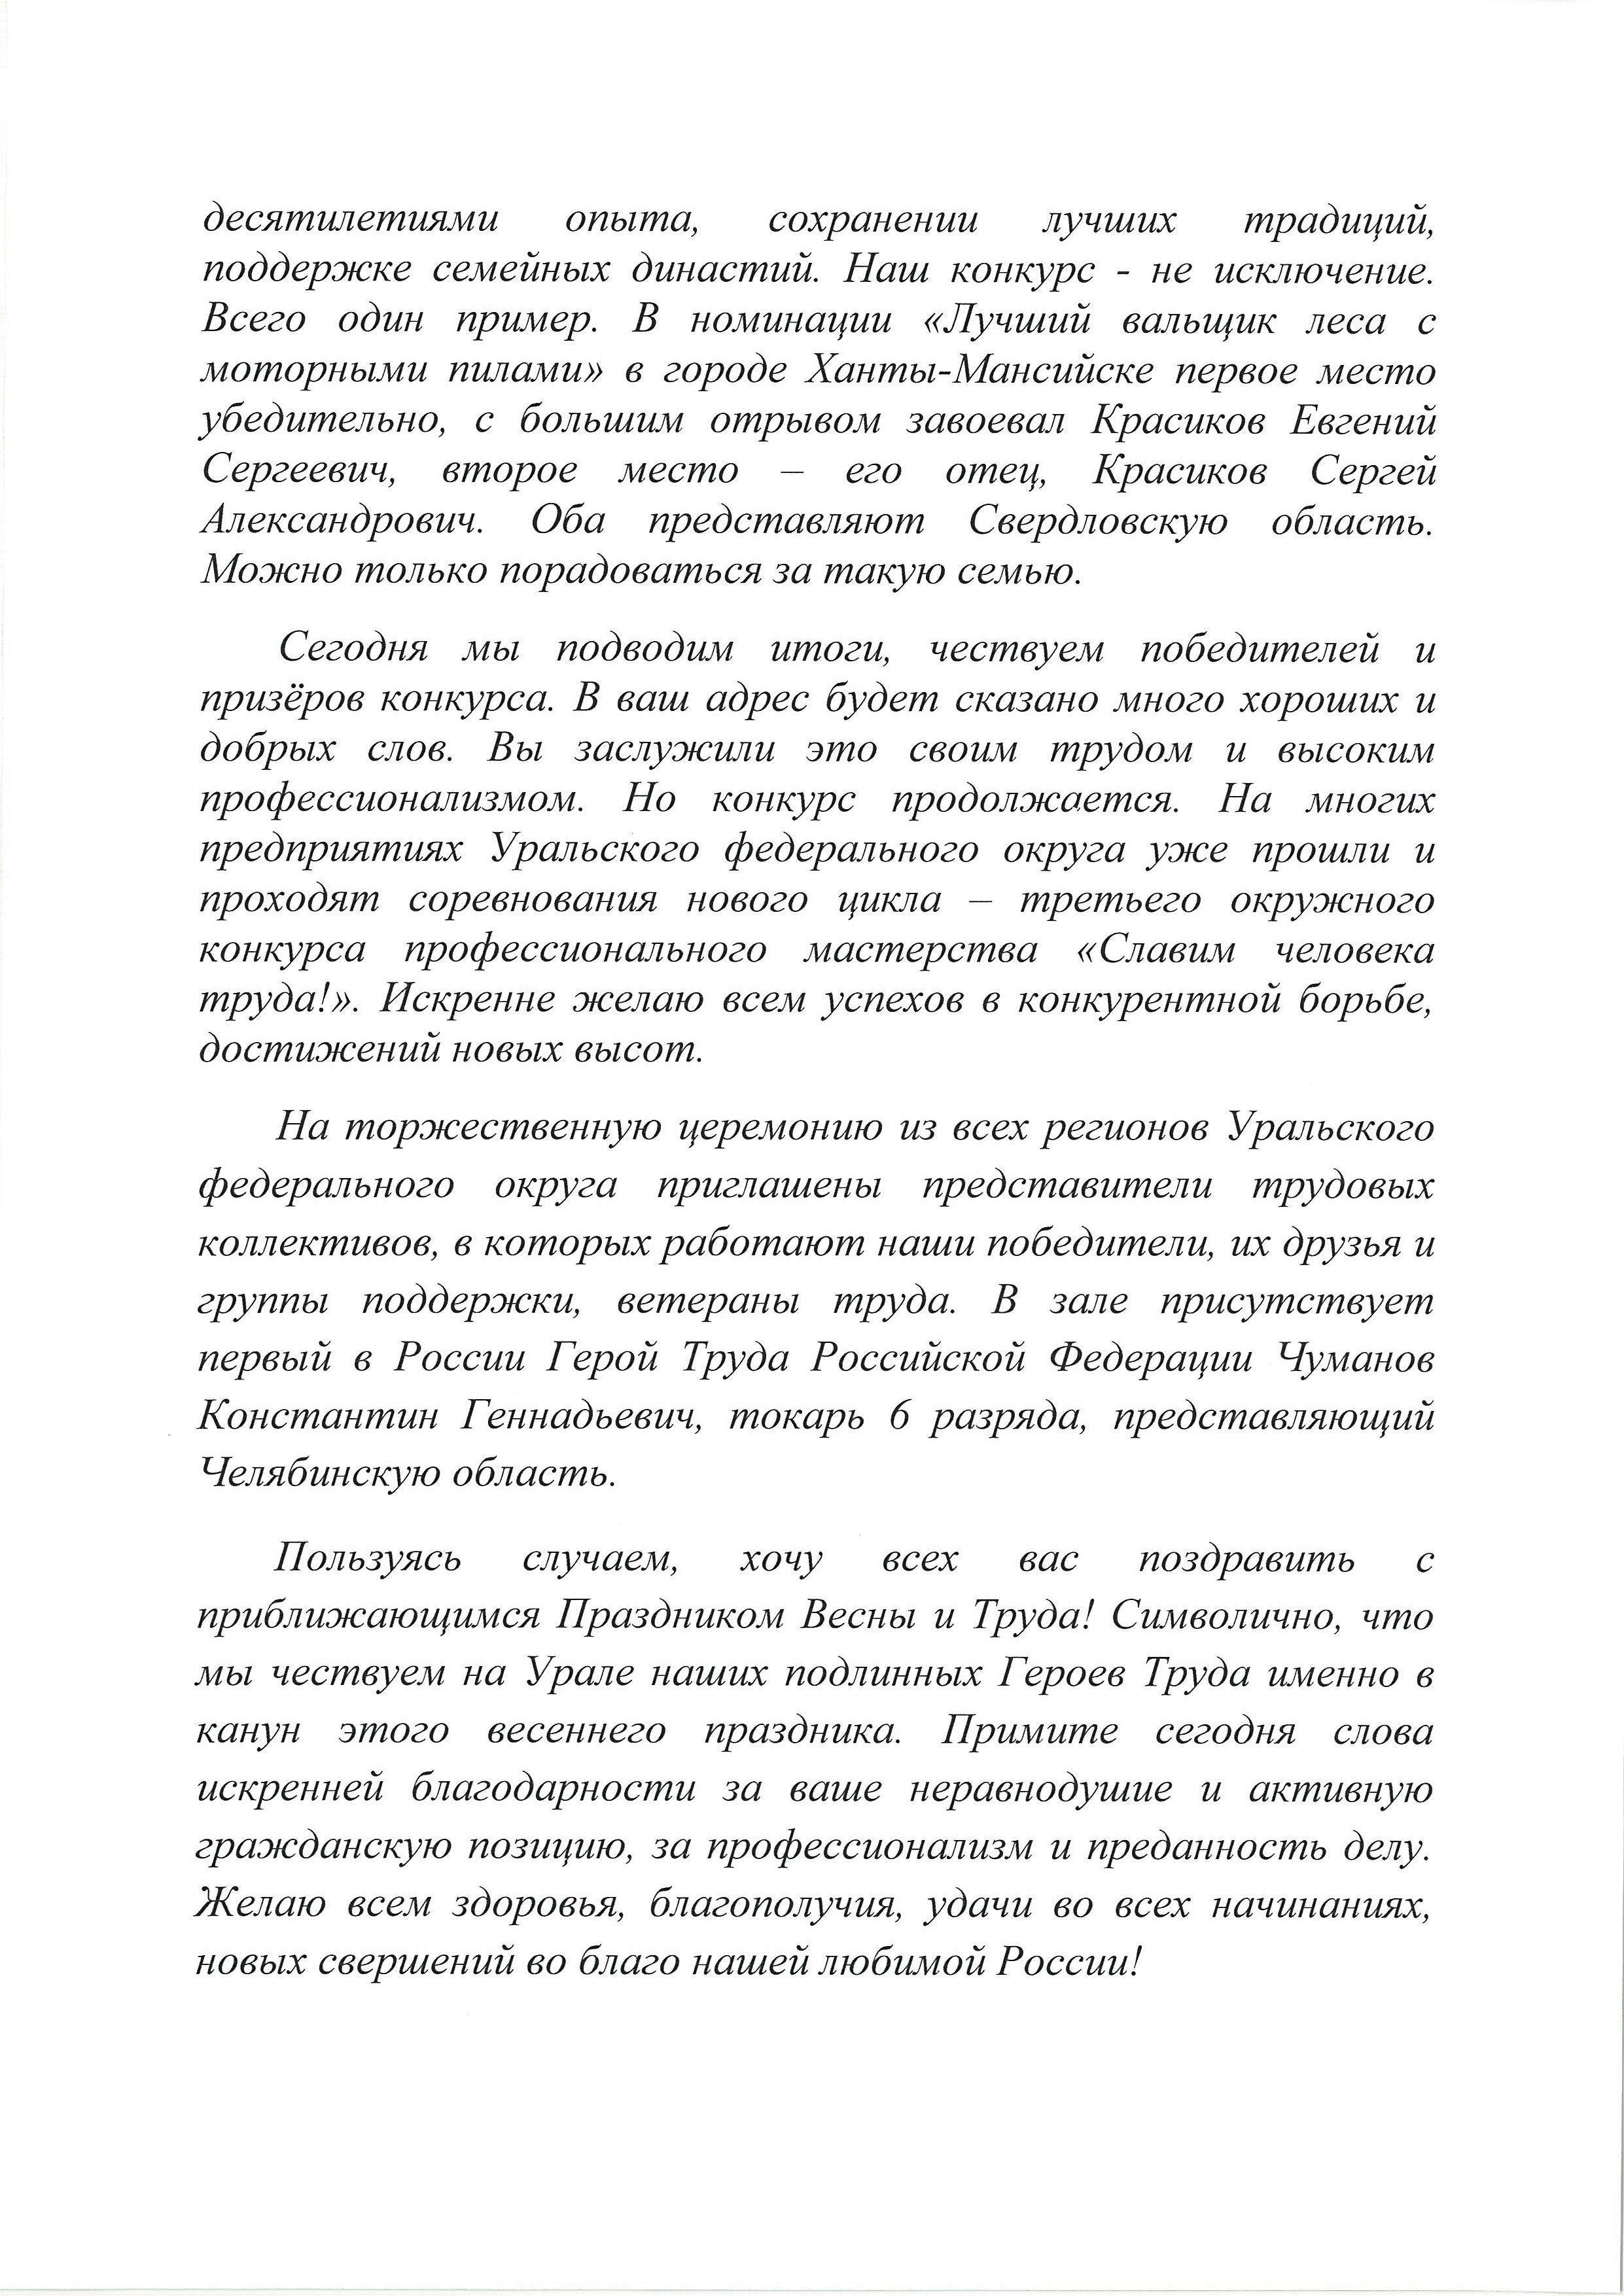 Конкурсы профессионального мастерства в свердловской области